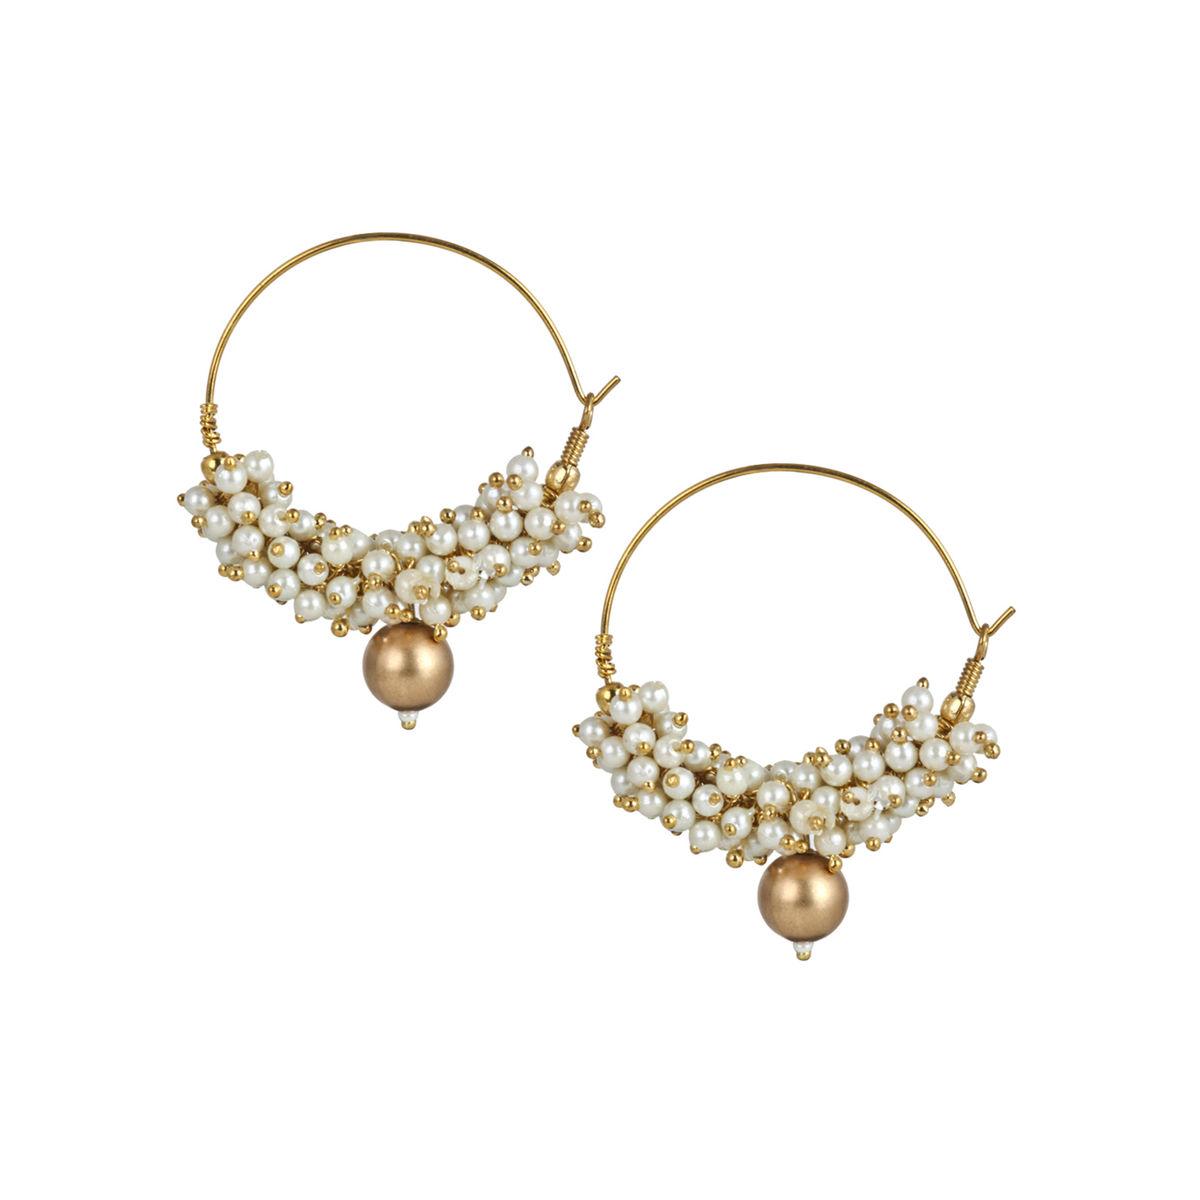 Pearl Bali hoop earrings With Gold Bead